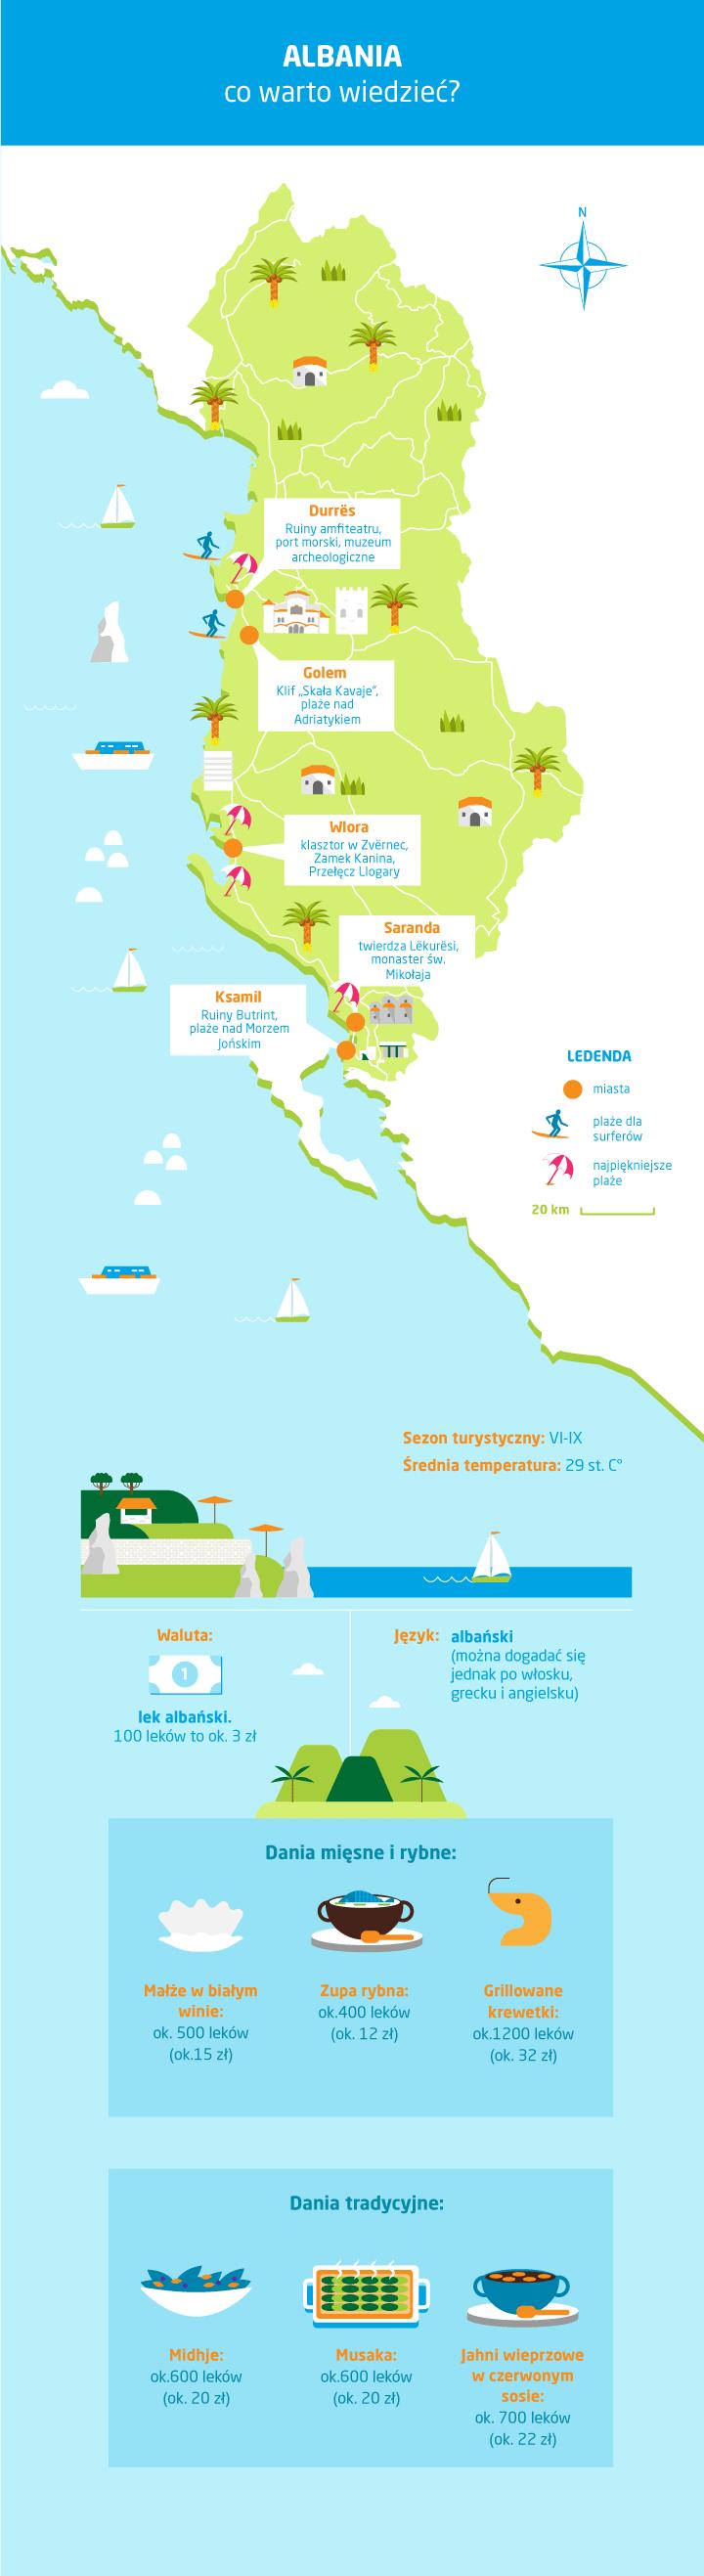 Albania - co warto wiedzieć przed wyjazdem - infografika